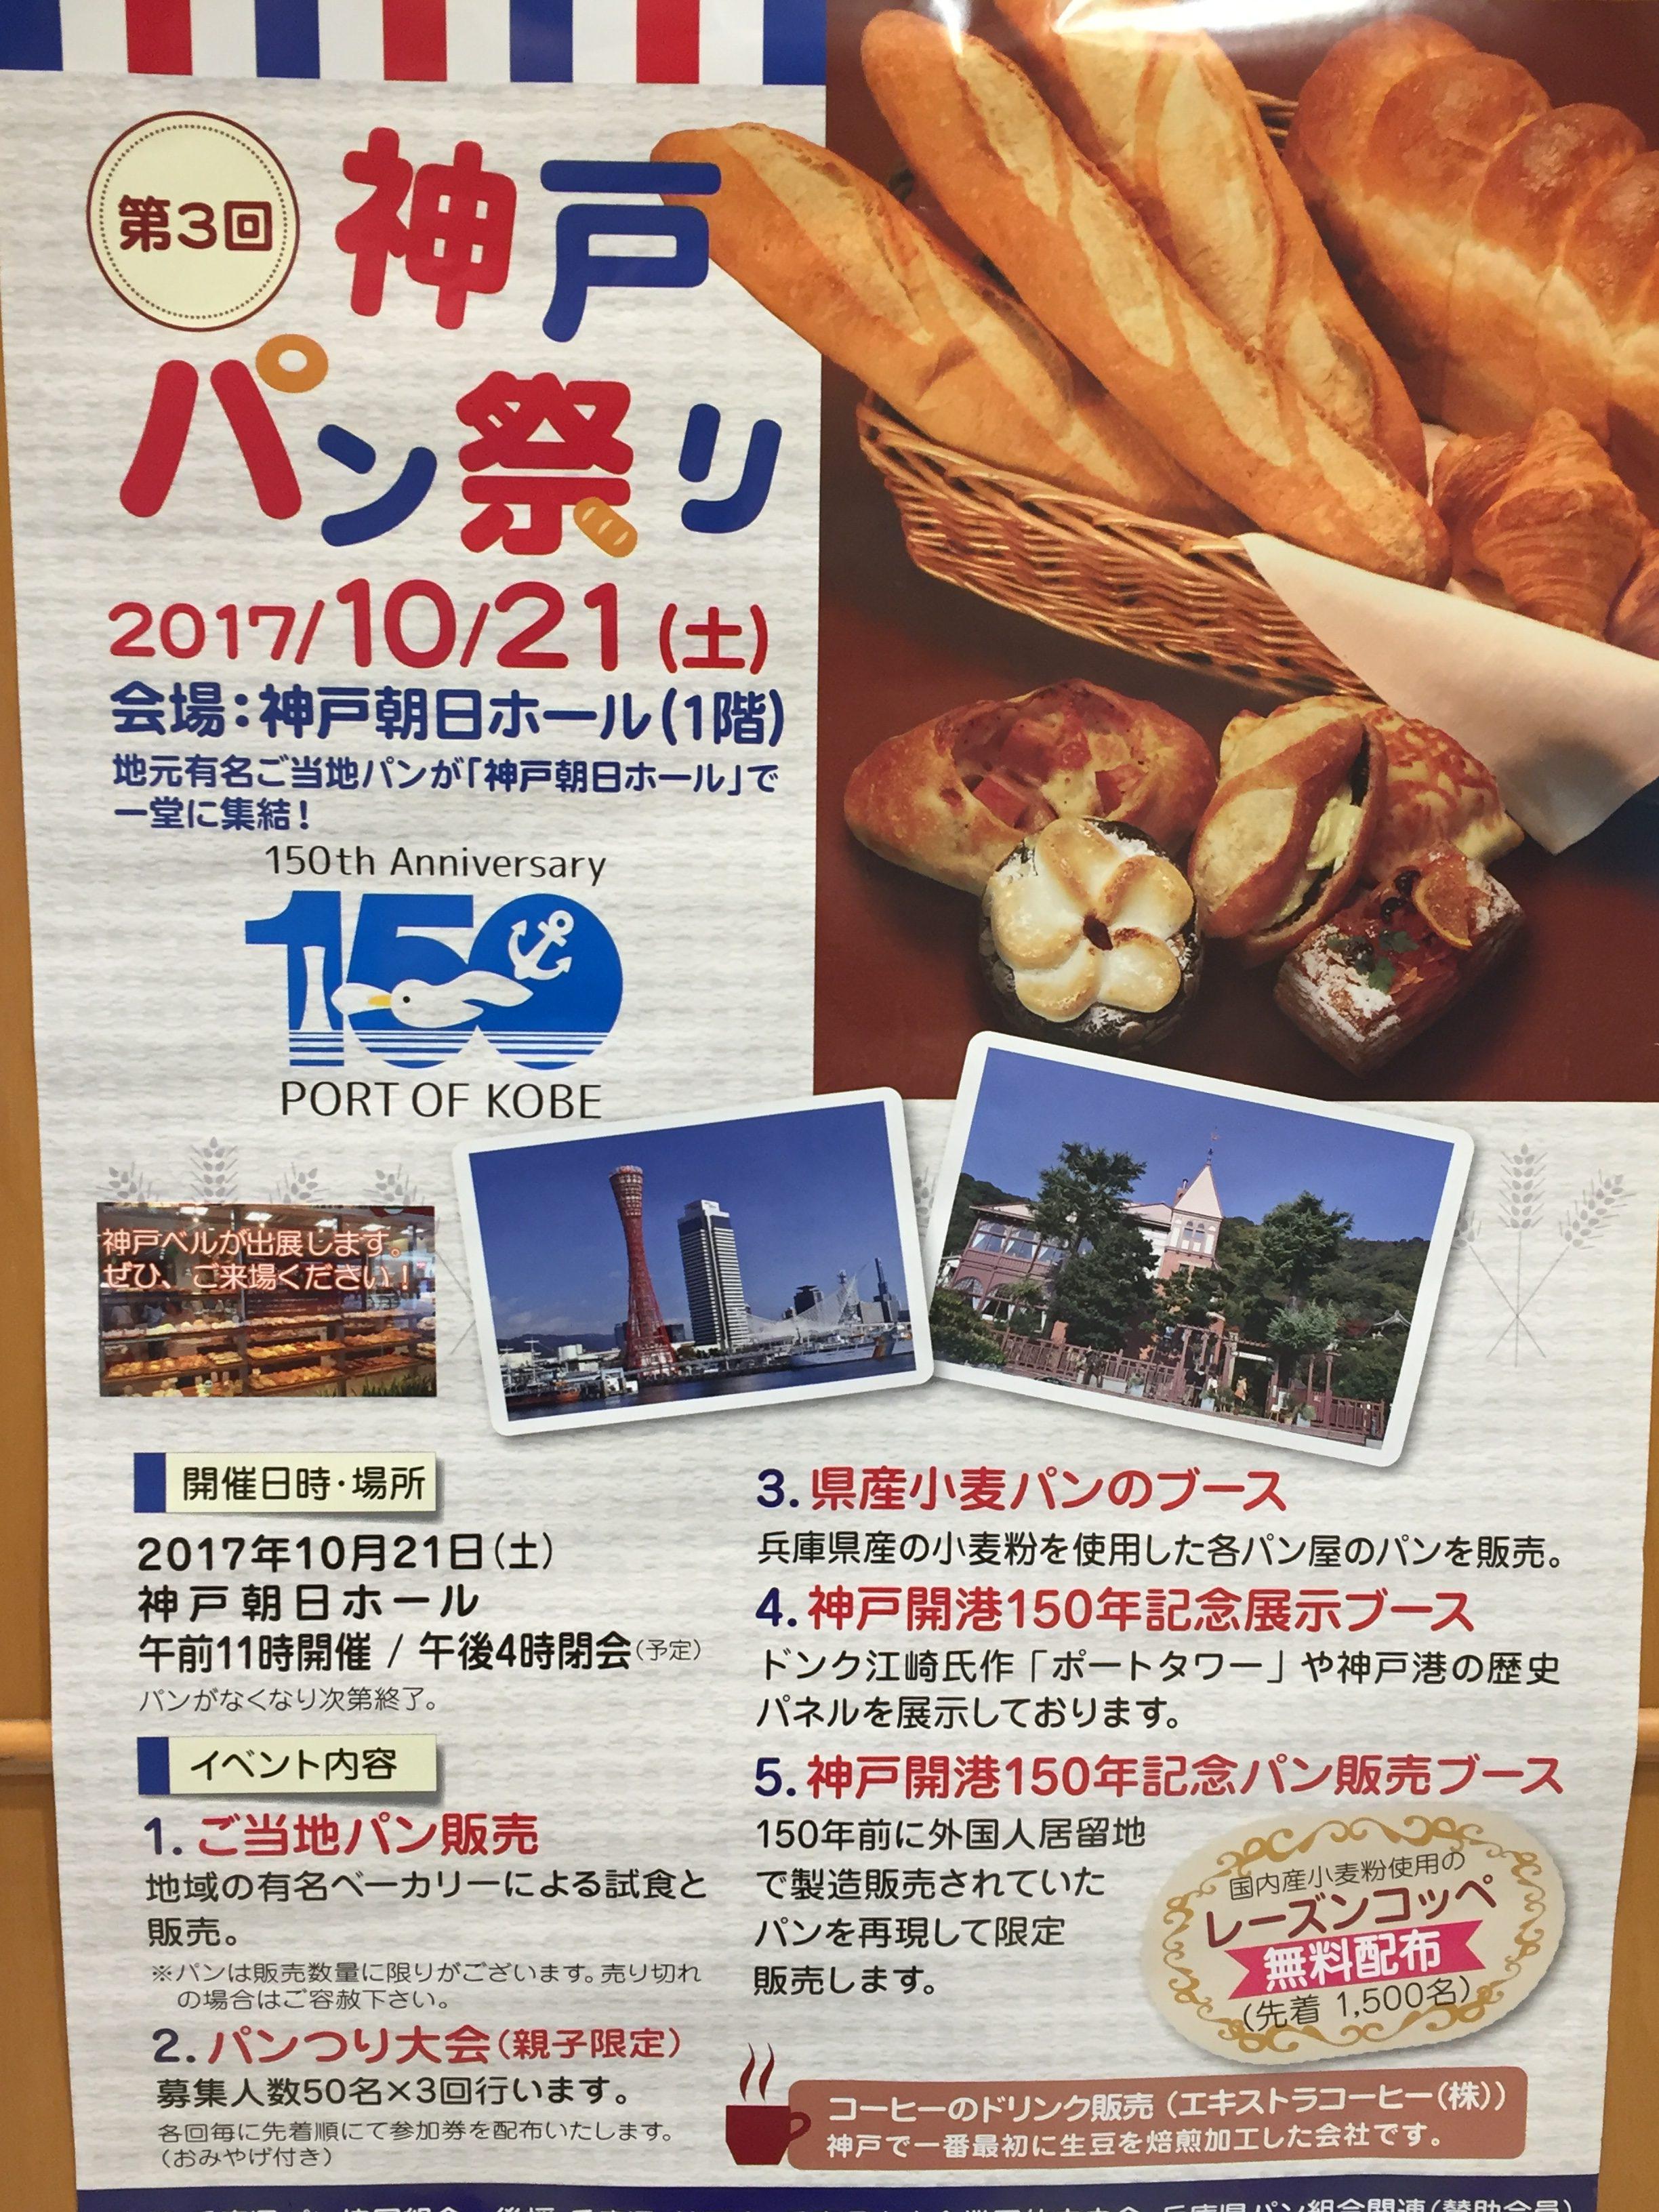 神戸・朝日ホールで10/21(土)「第3回神戸パン祭り」が開催されるよ! #神戸パン祭り